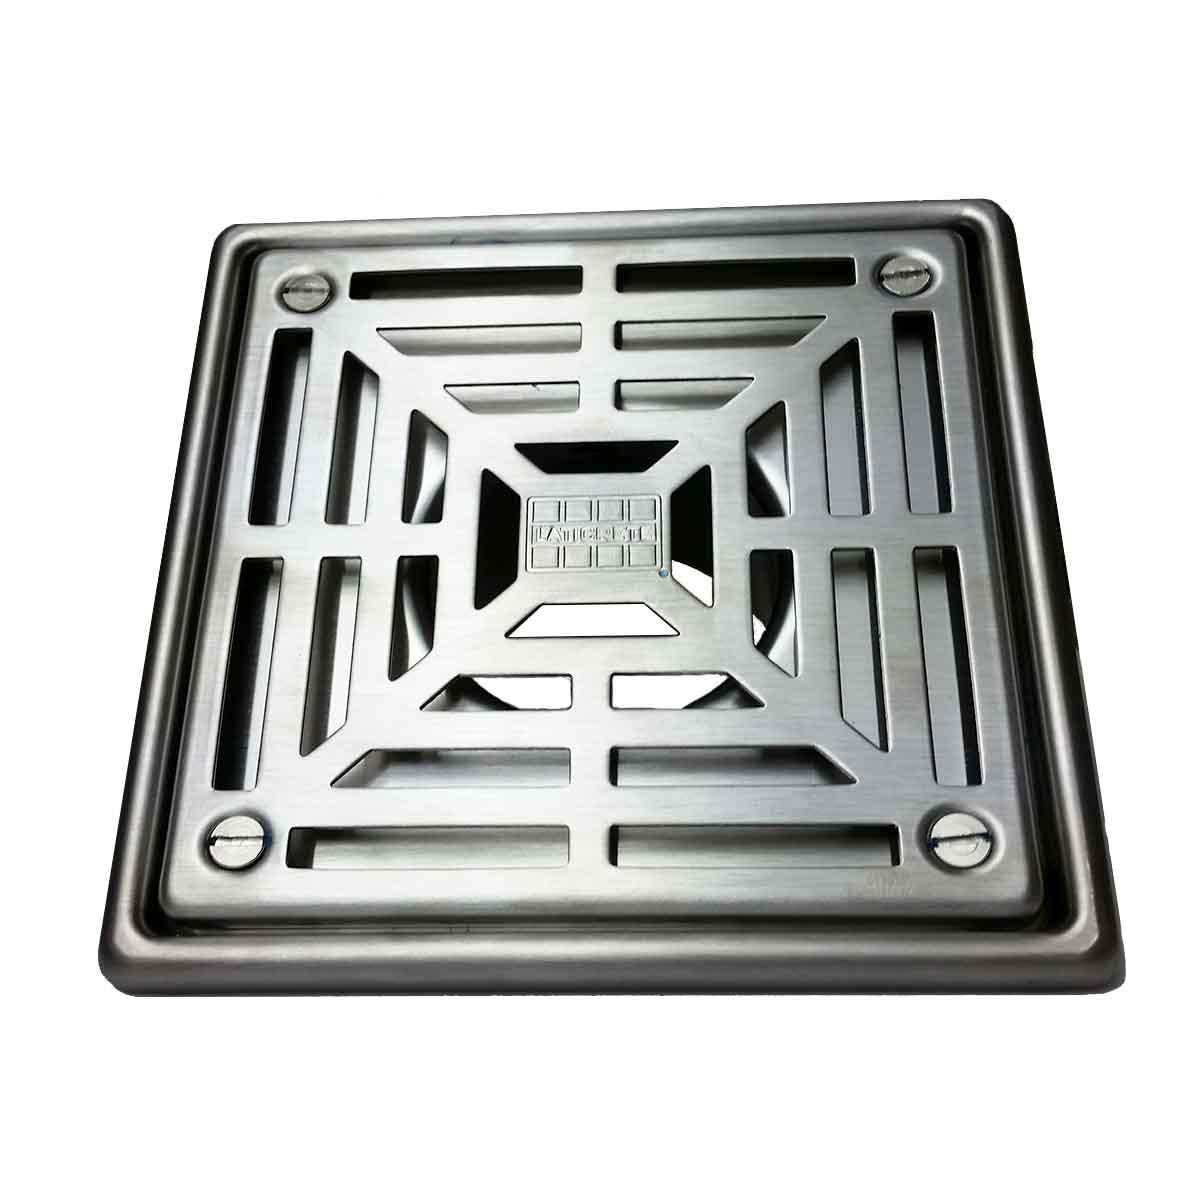 Laticrete 5 inch Square Shower Drain